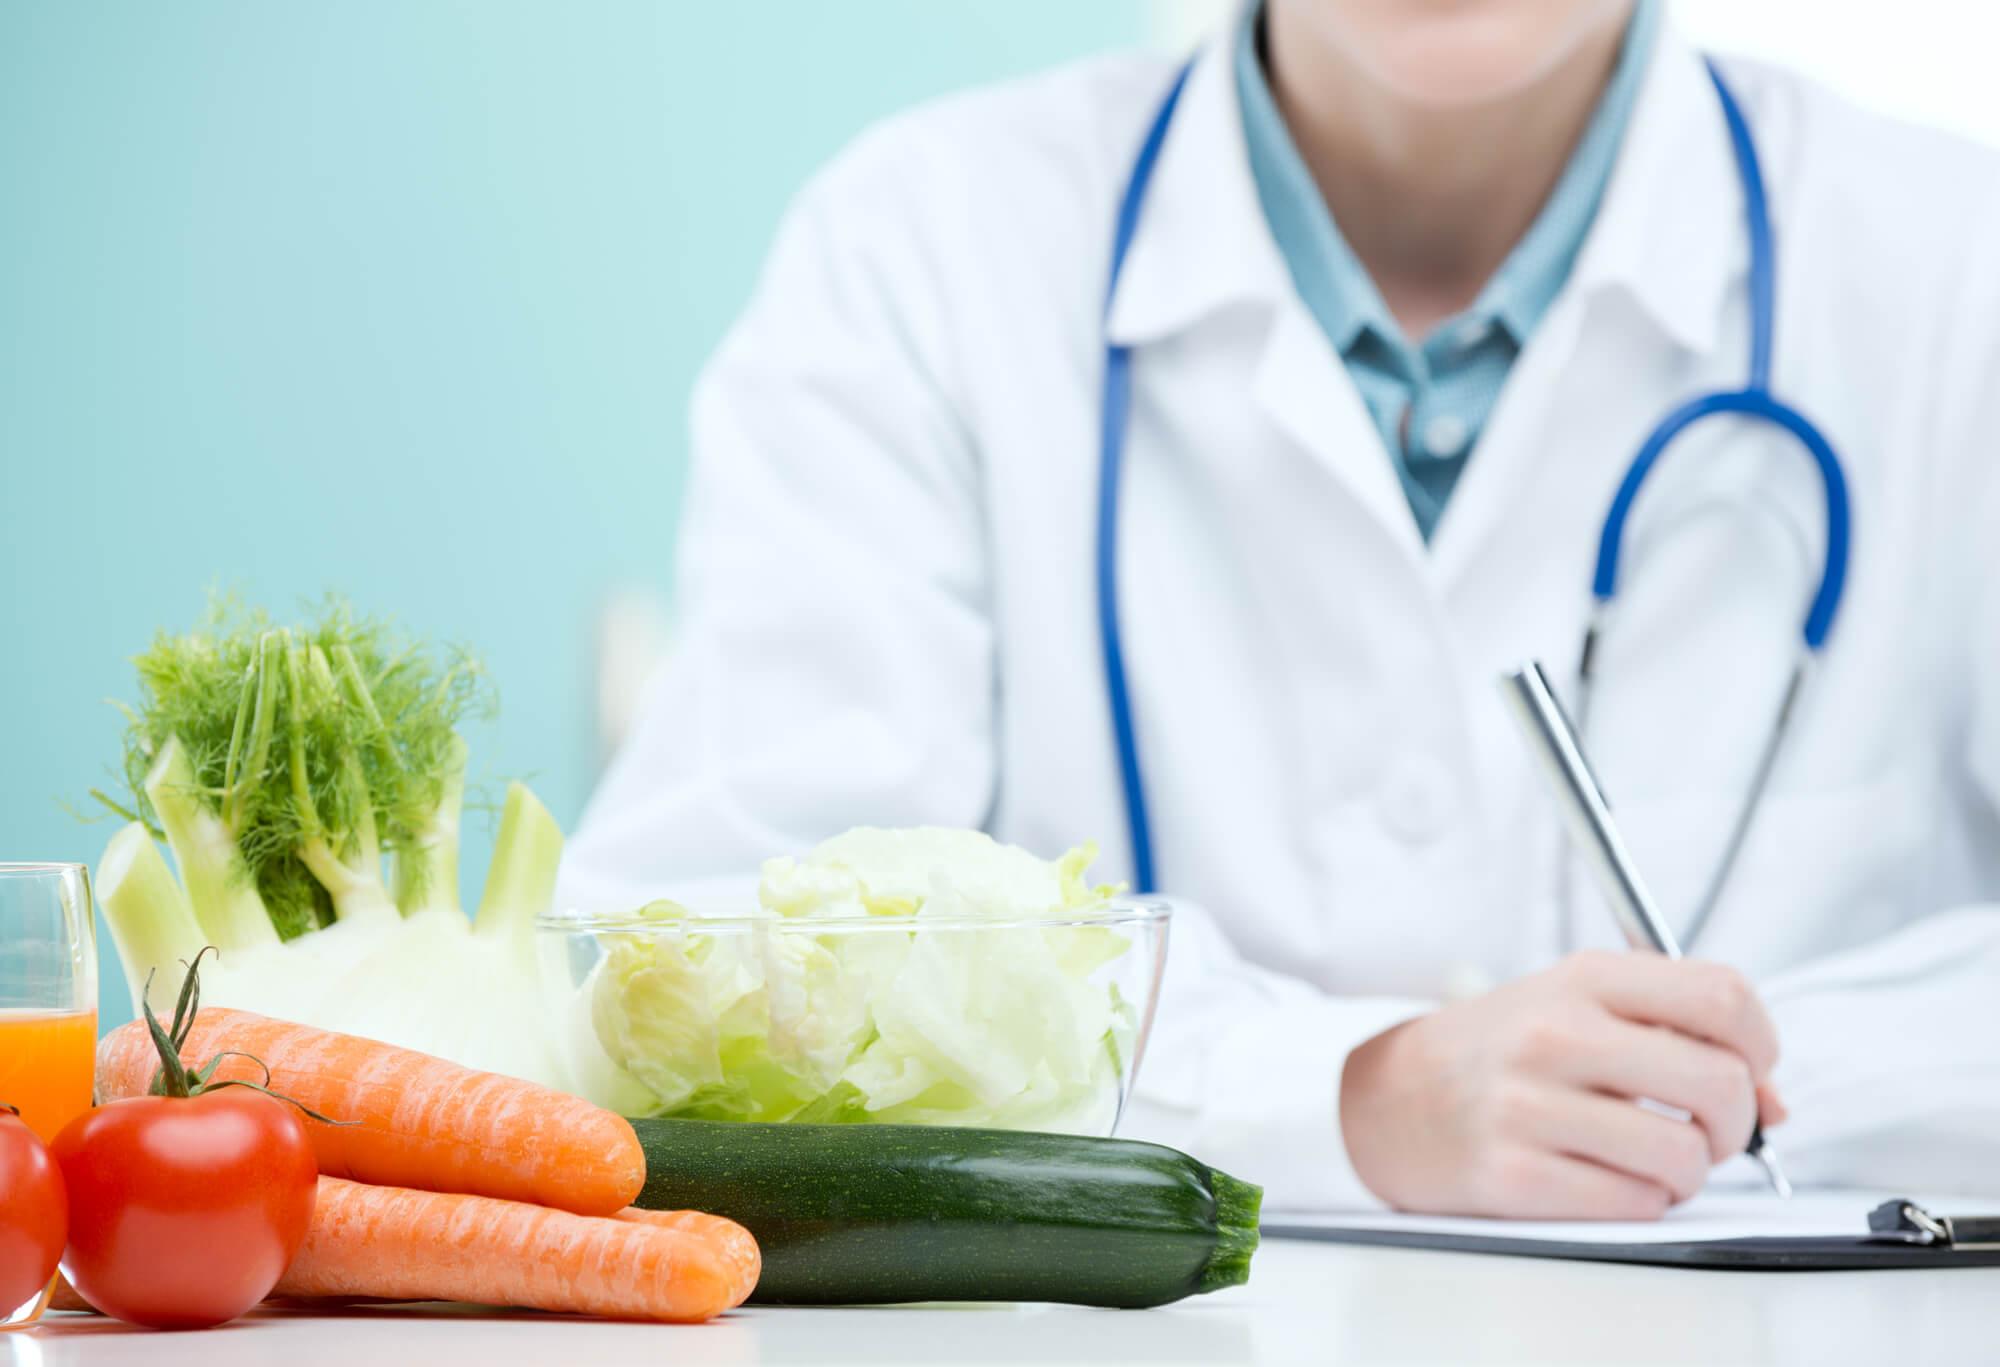 什么是宫腔镜手术?术中常见的电切、剪刀及其它方式各有什么特点呢?